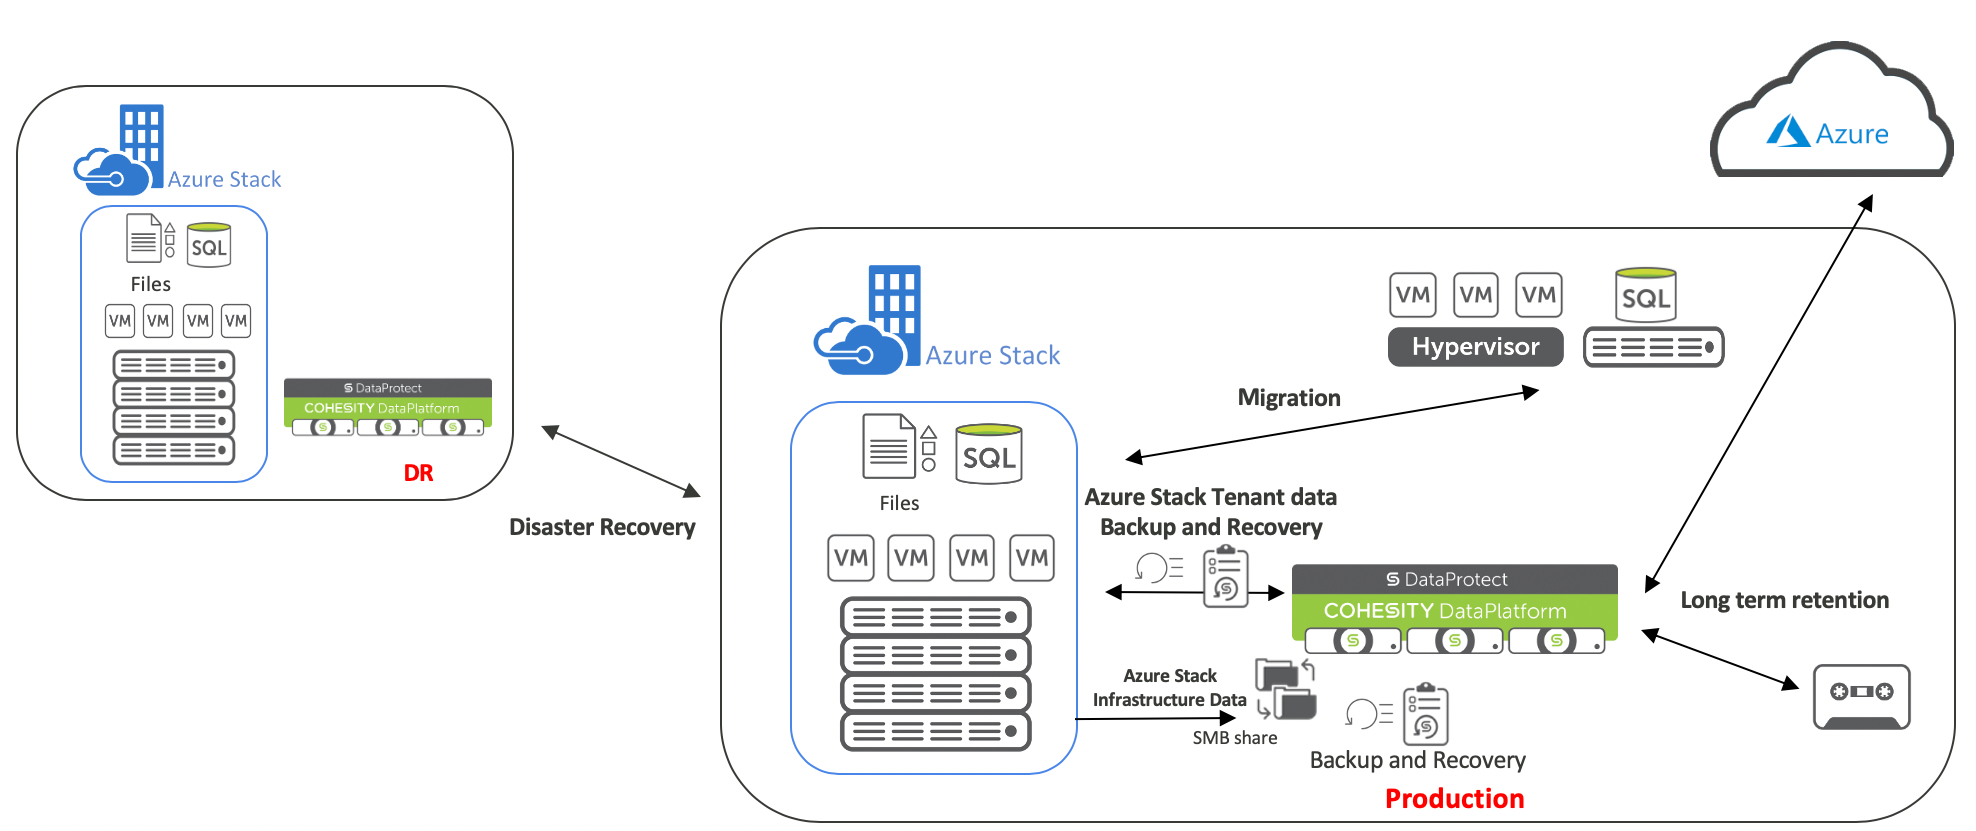 Comprehensive Data Management for Azure Stack